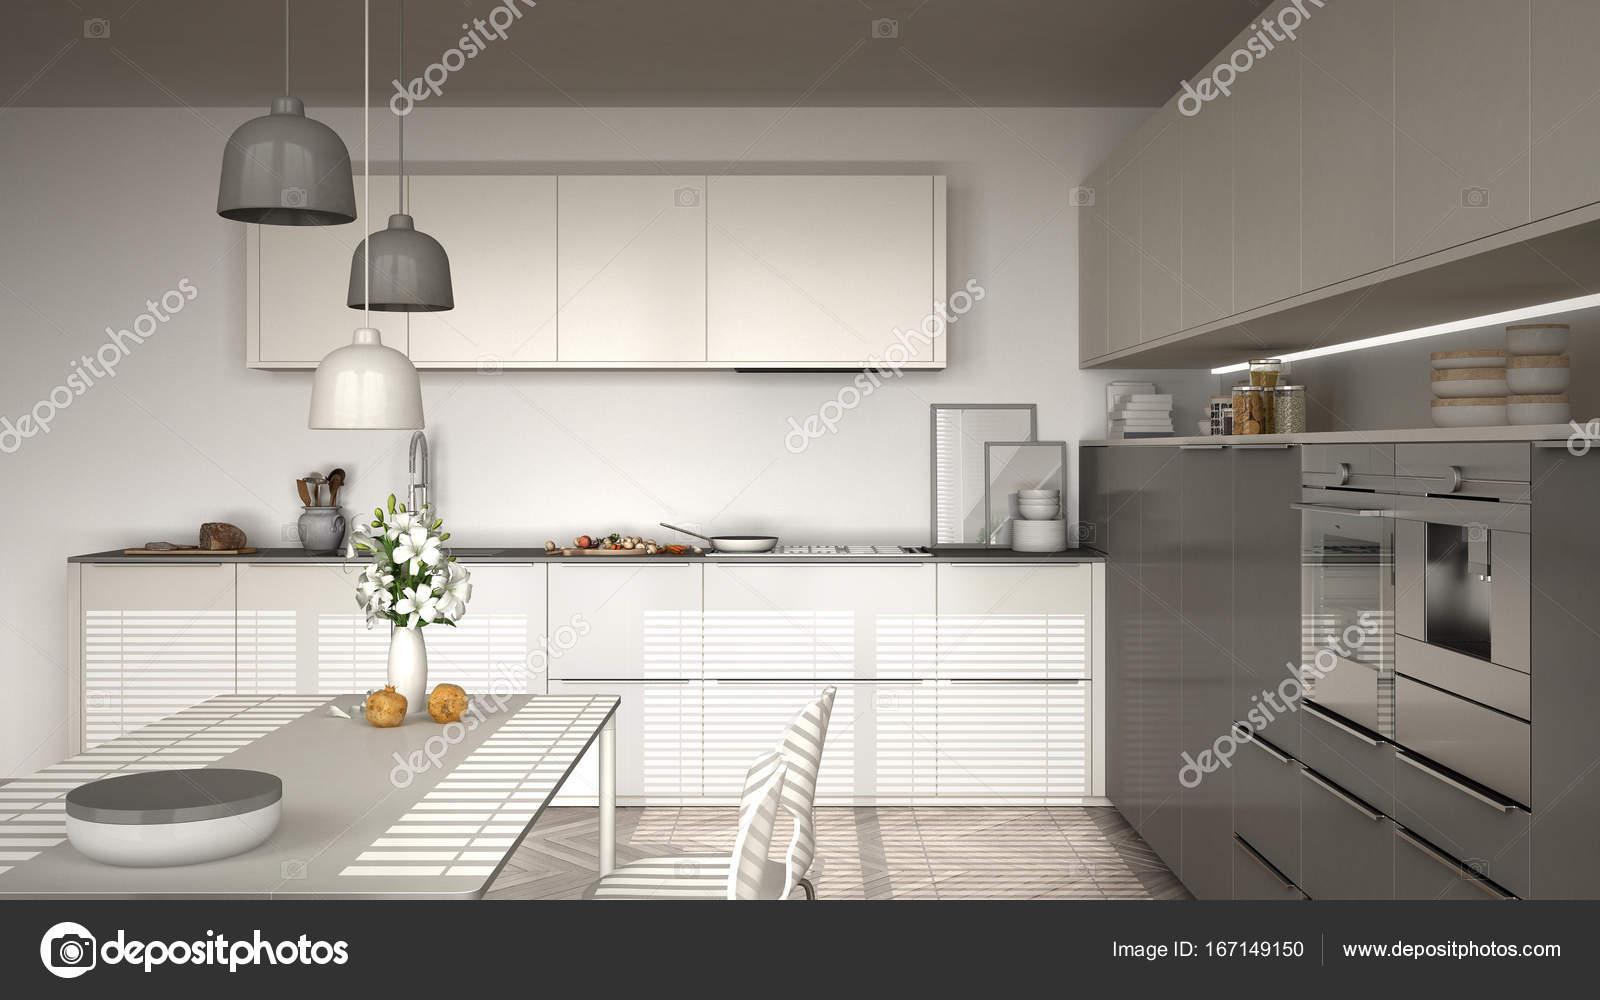 Moderne keuken met tafel en stoelen visgraat parket u stockfoto